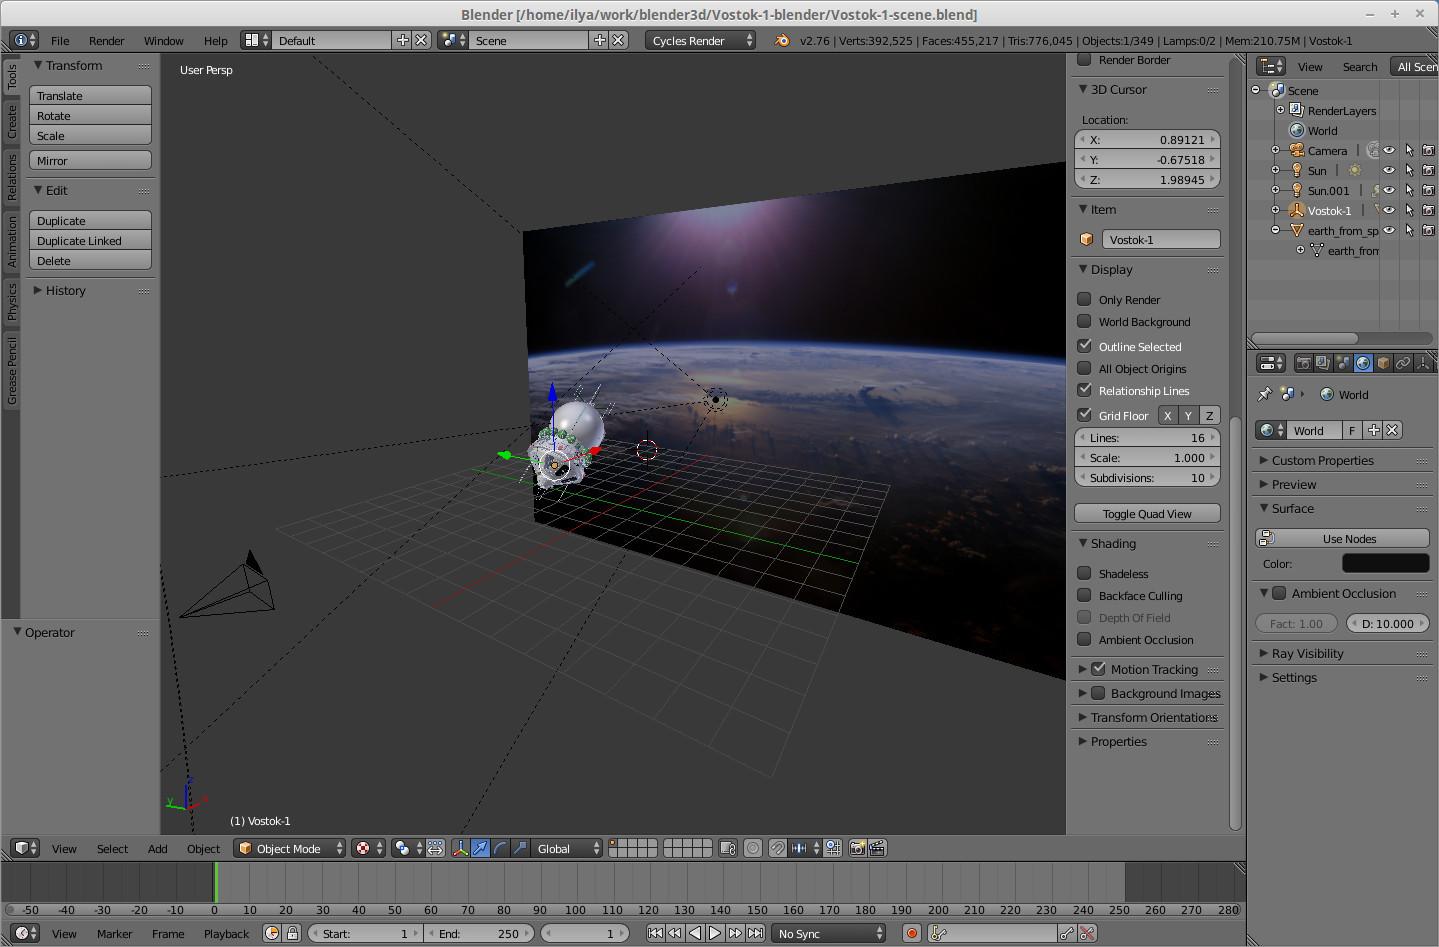 Космический корабль Восток-1 в 3D — рендерим в Blender - 4